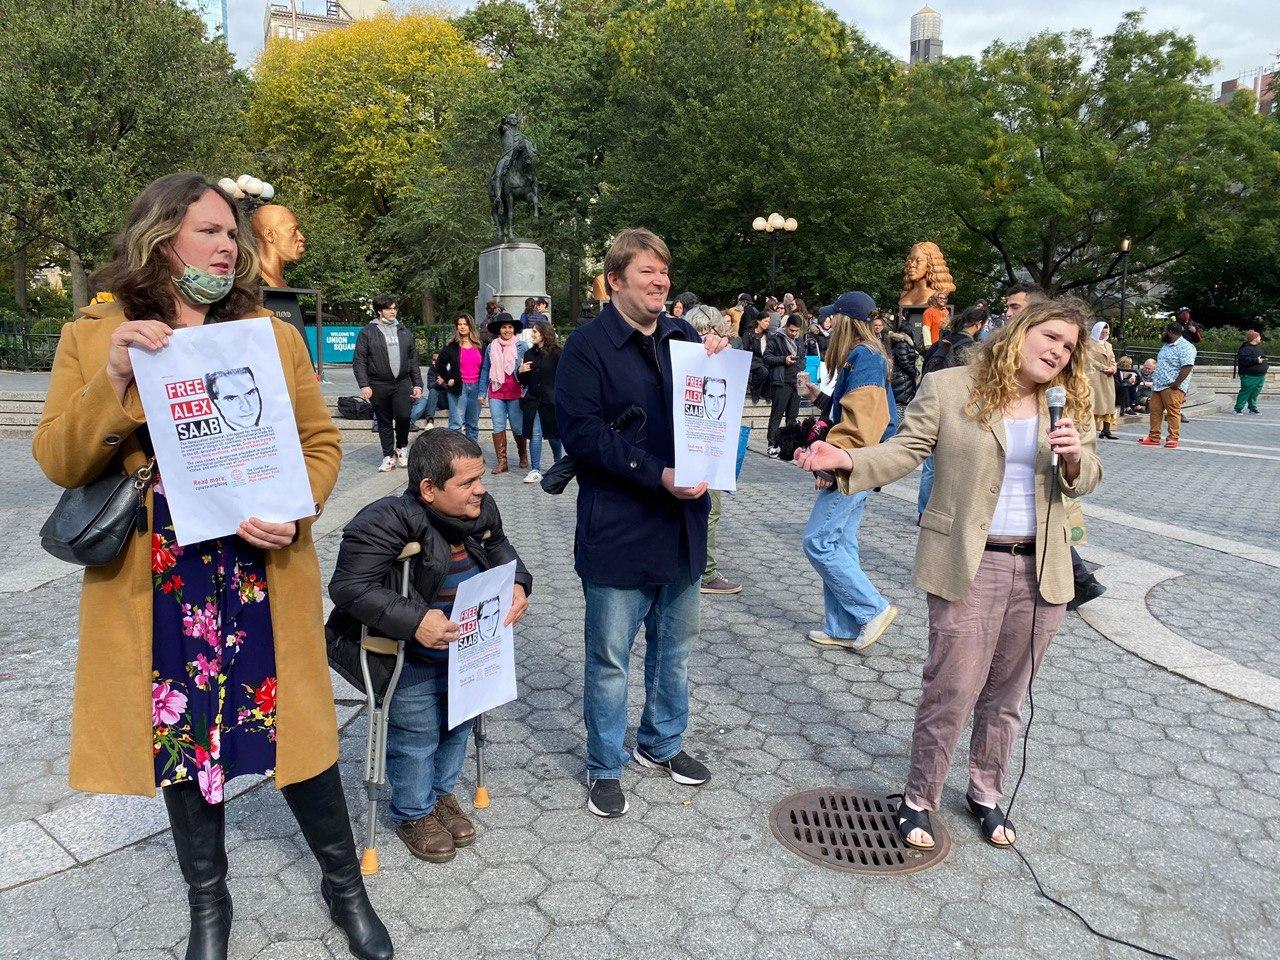 Activistas de derechos humanos de EE.UU. exigieron liberación de diplomático Alex Saab